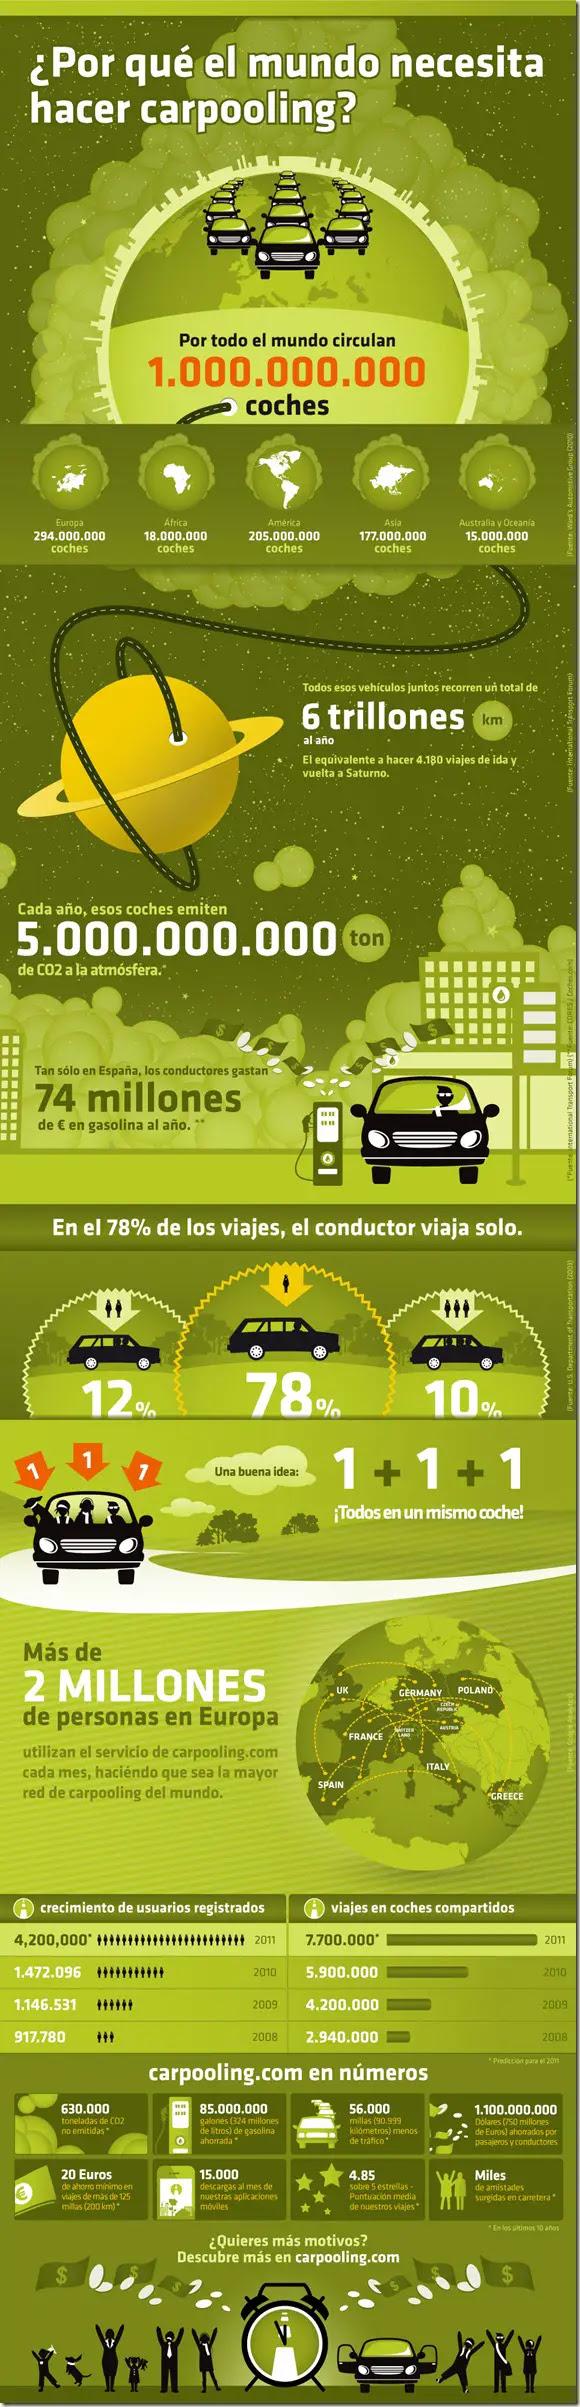 conduzco es infografia carpooling ¿Qué es el carpooling?